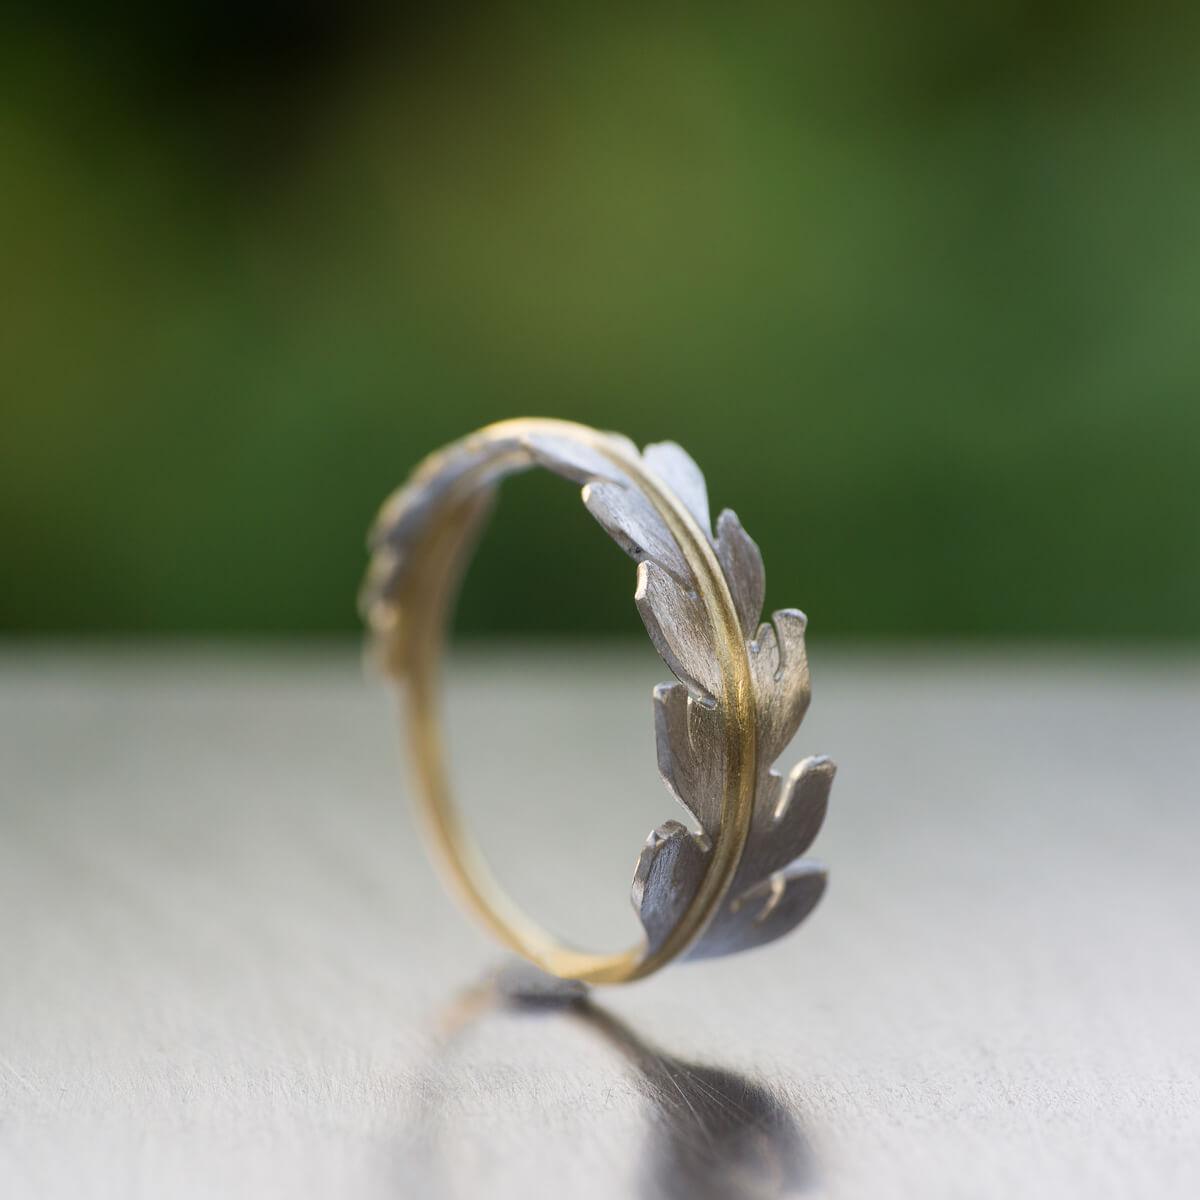 角度2 屋久島の緑バック オーダーメイドエンゲージリング ジュエリーのアトリエ 屋久島のシダモチーフ ゴールド、プラチナ 屋久島でつくる婚約指輪